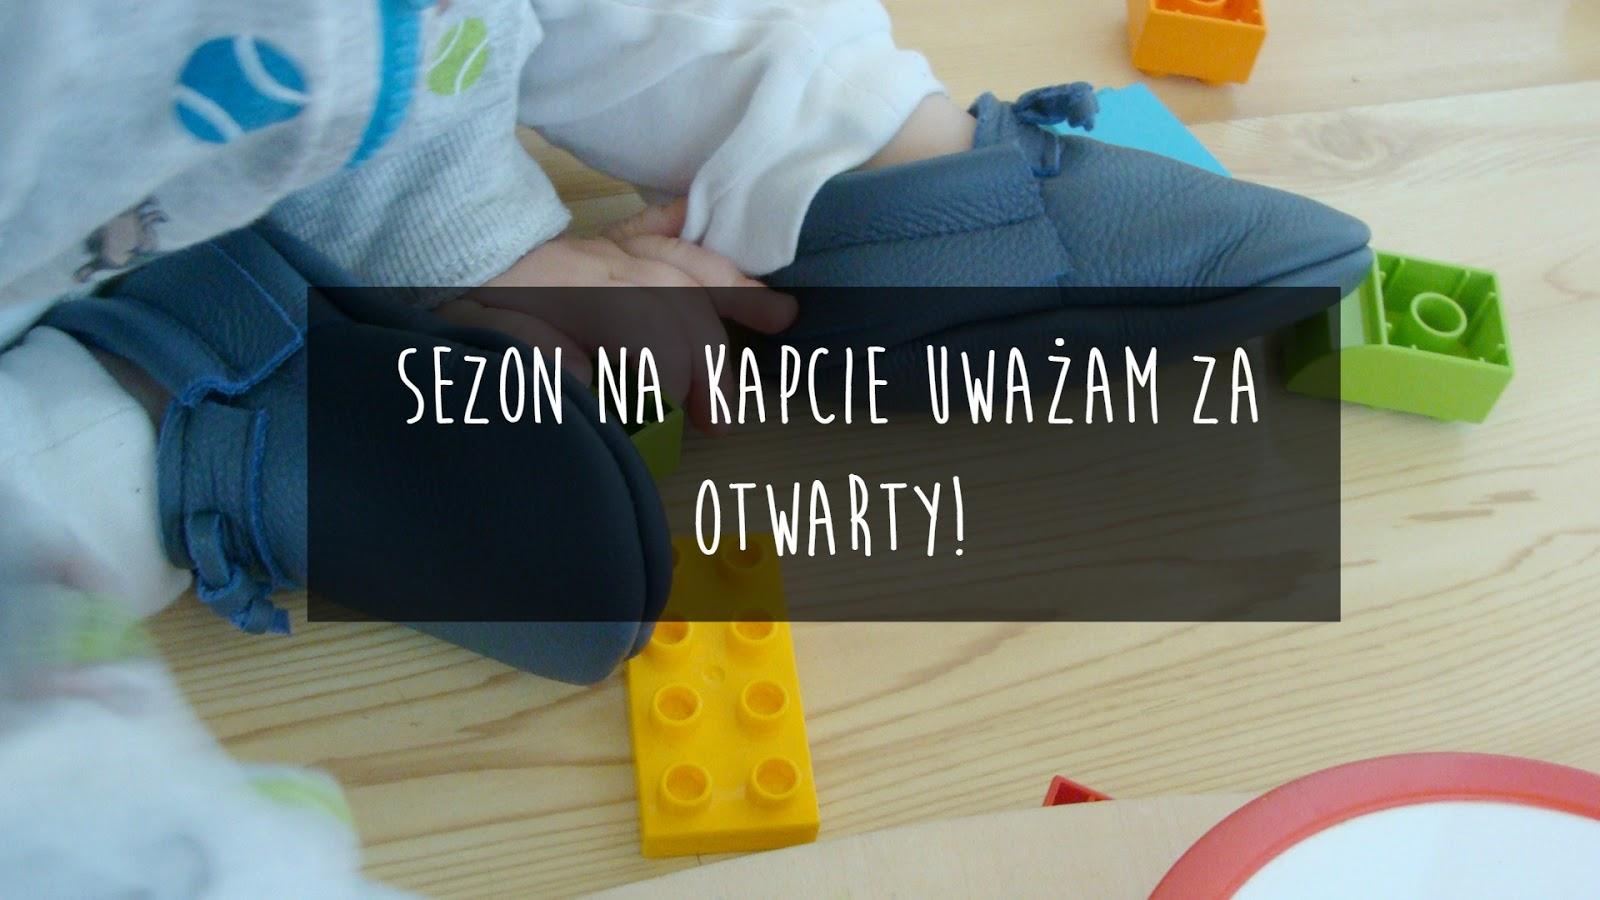 Kapcie dla małego dziecka